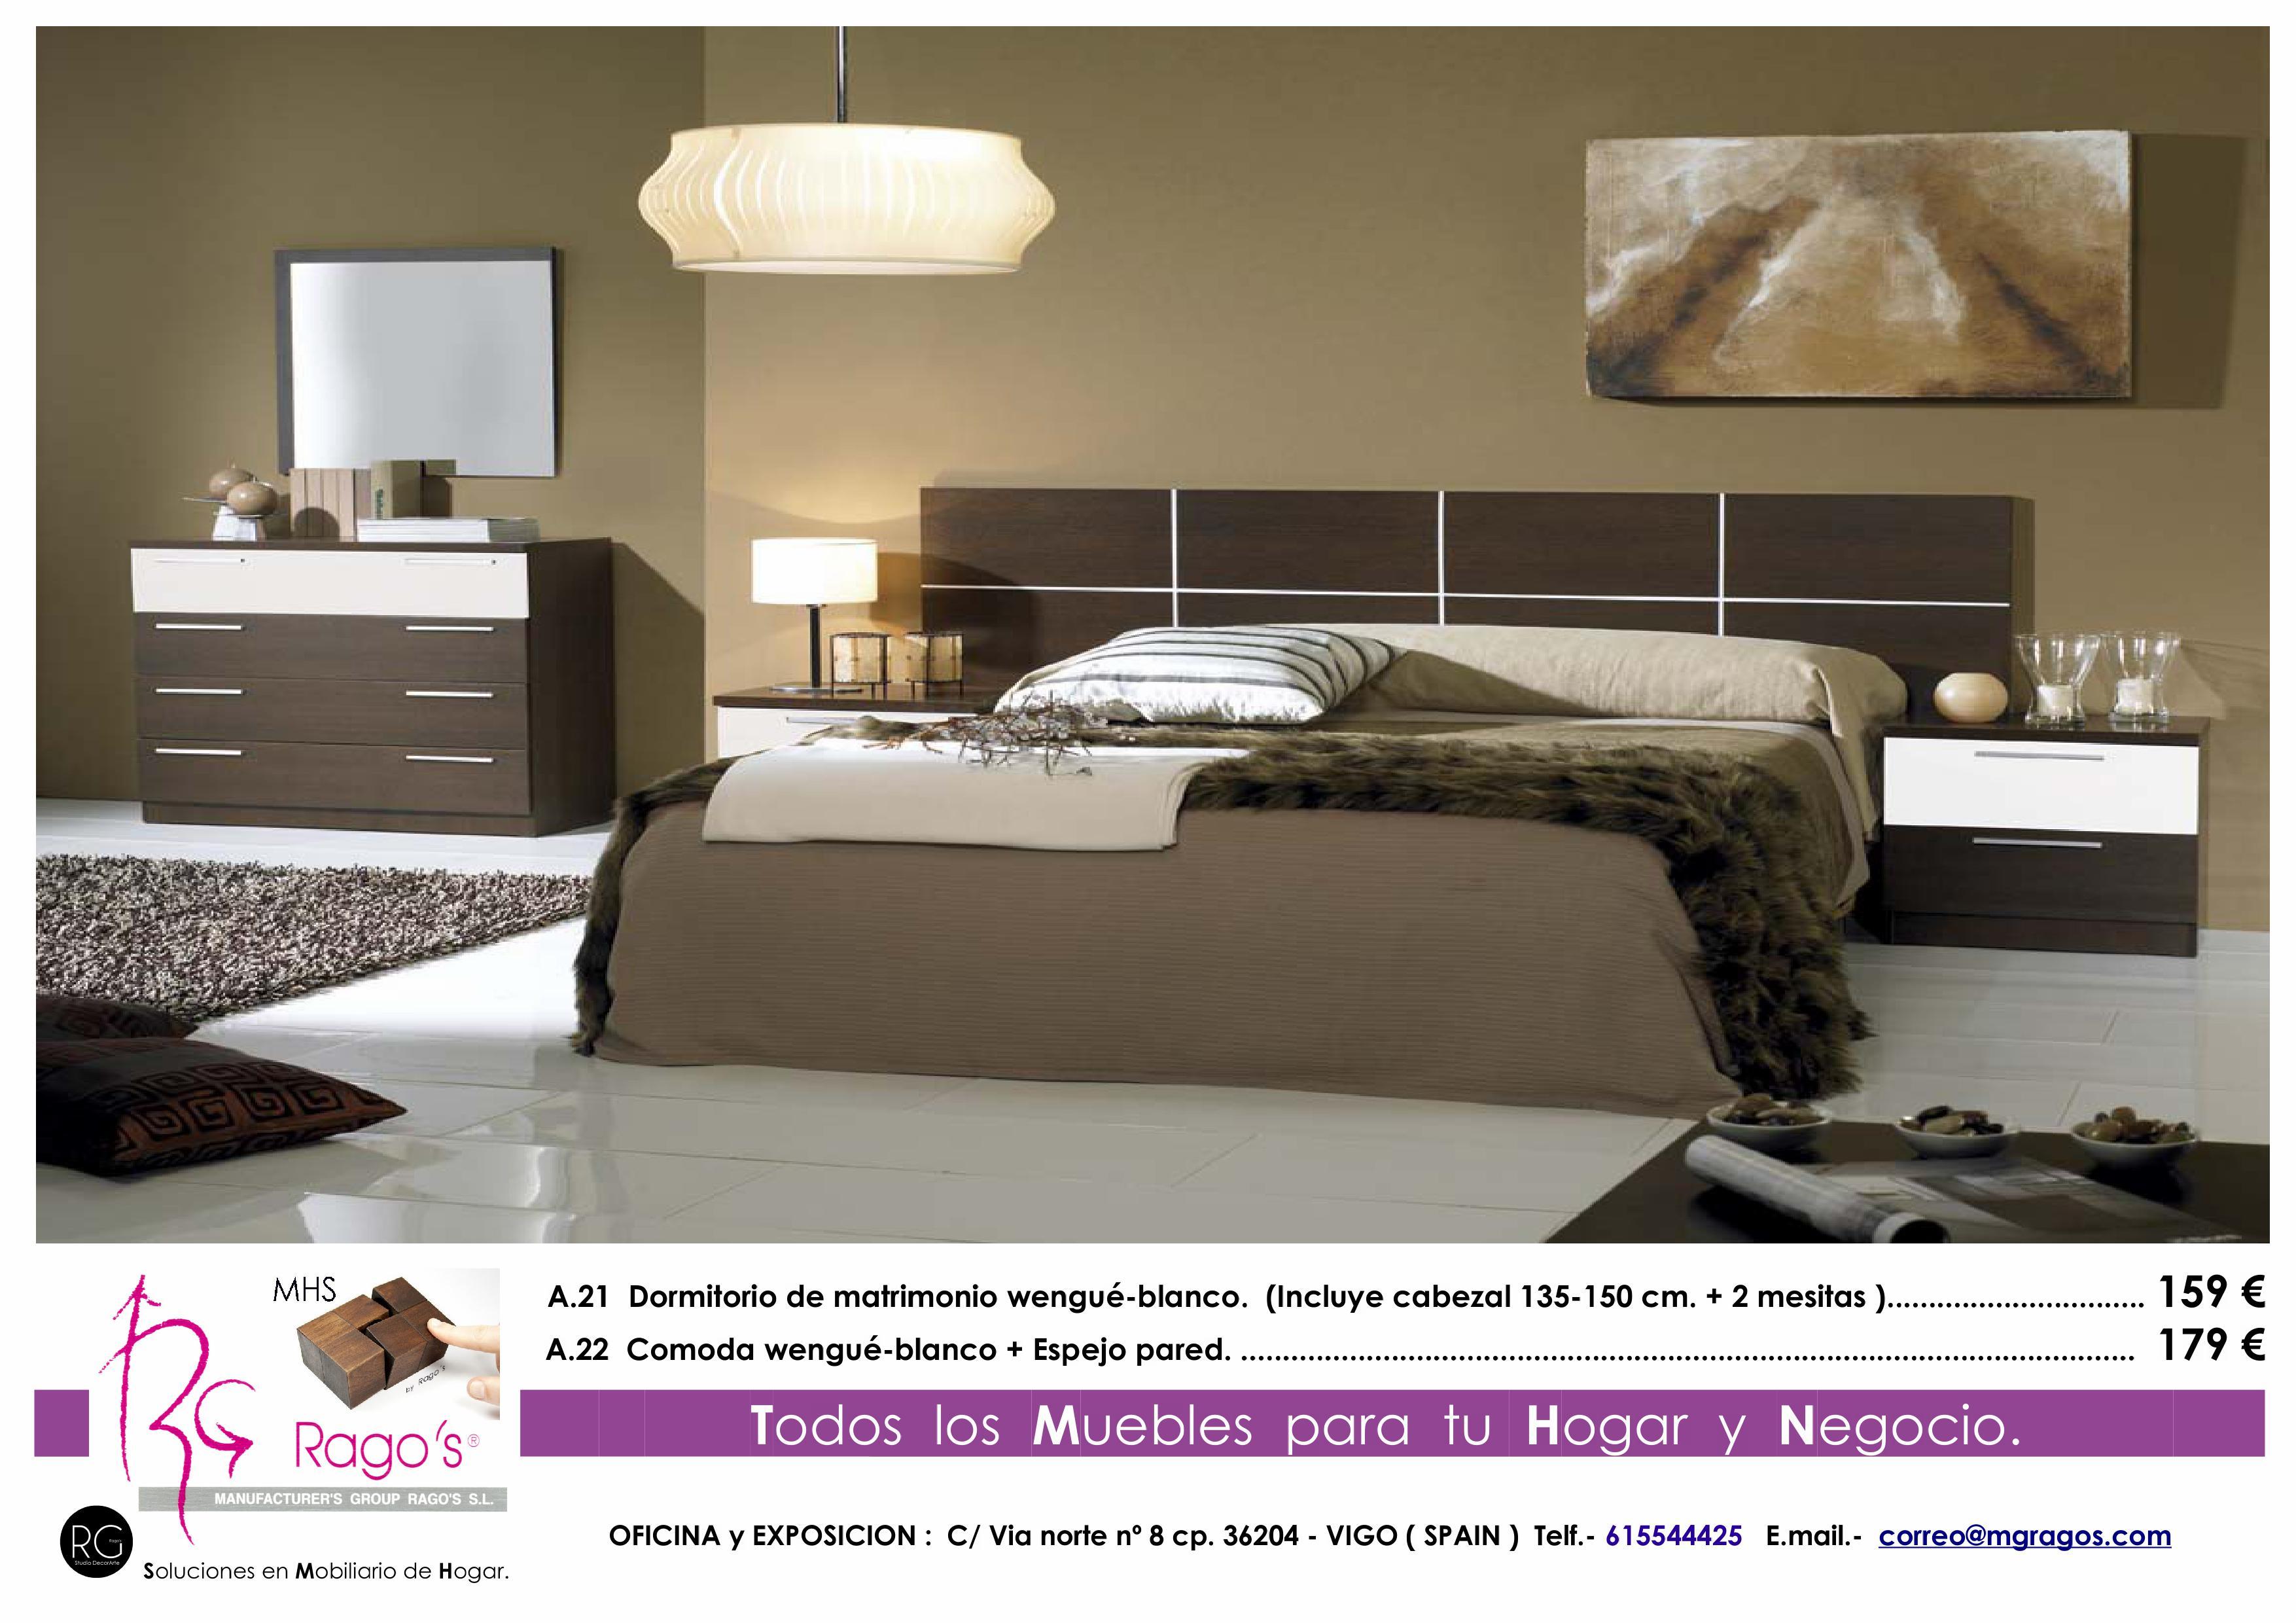 A.21-A.22 Dormitorio (Cabezal+Mesitas - Comoda+Espejo) Pag. nº 5